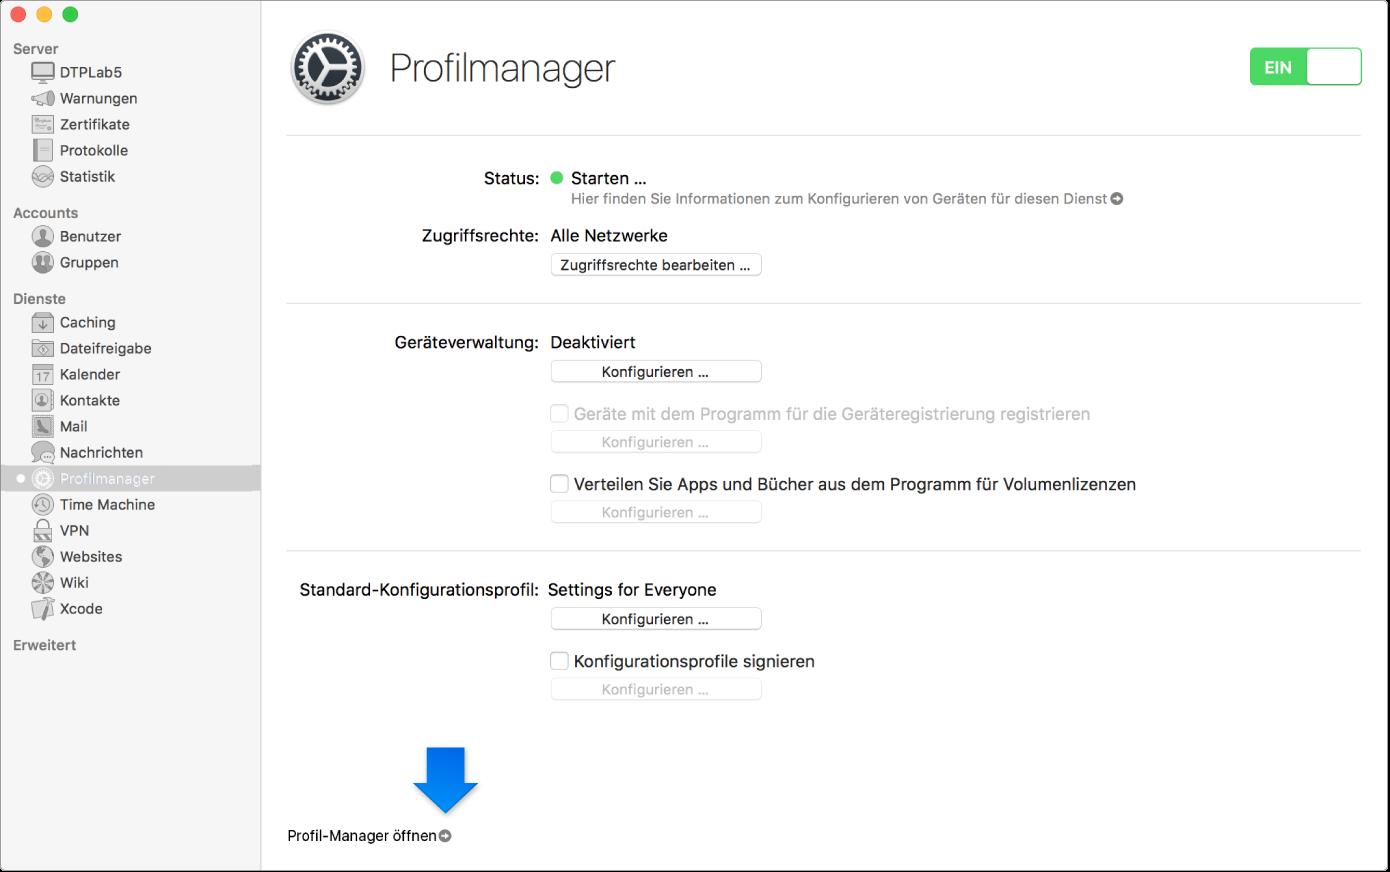 """Pfeil, der auf den Link zur Web-App """"Profilmanager"""" zeigt"""